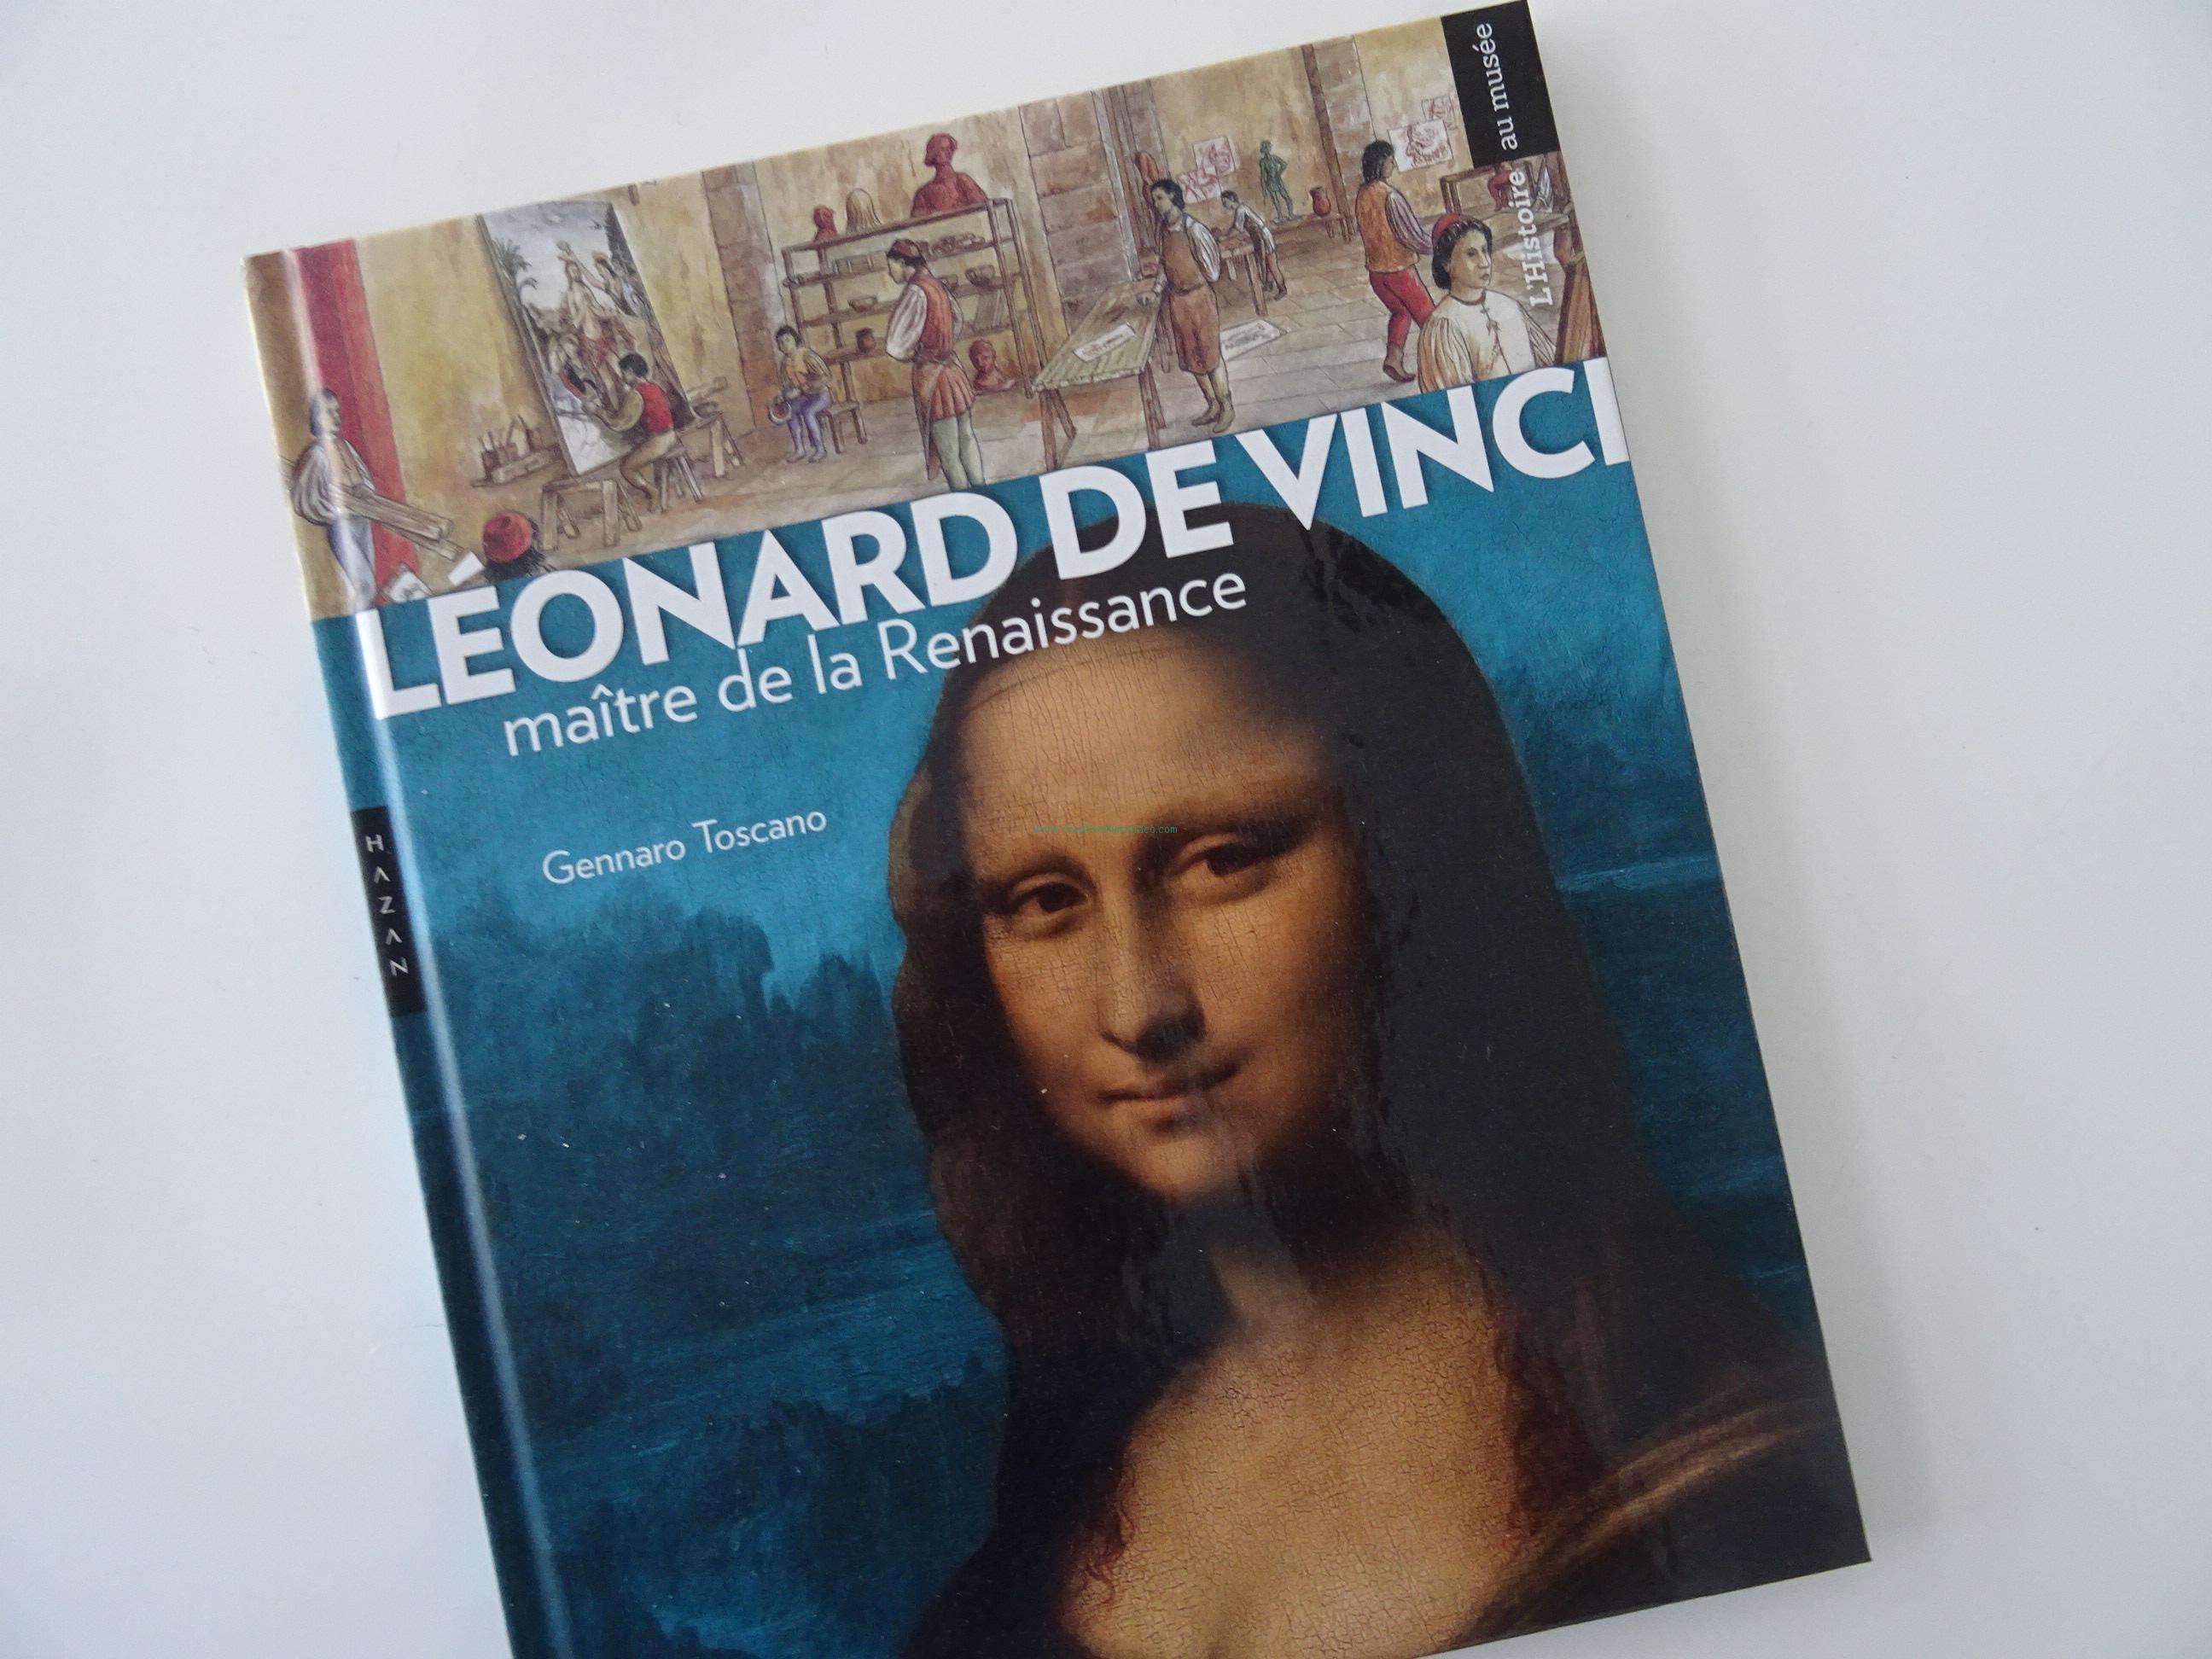 Leonard De Vinci Maitre De La Renaissance